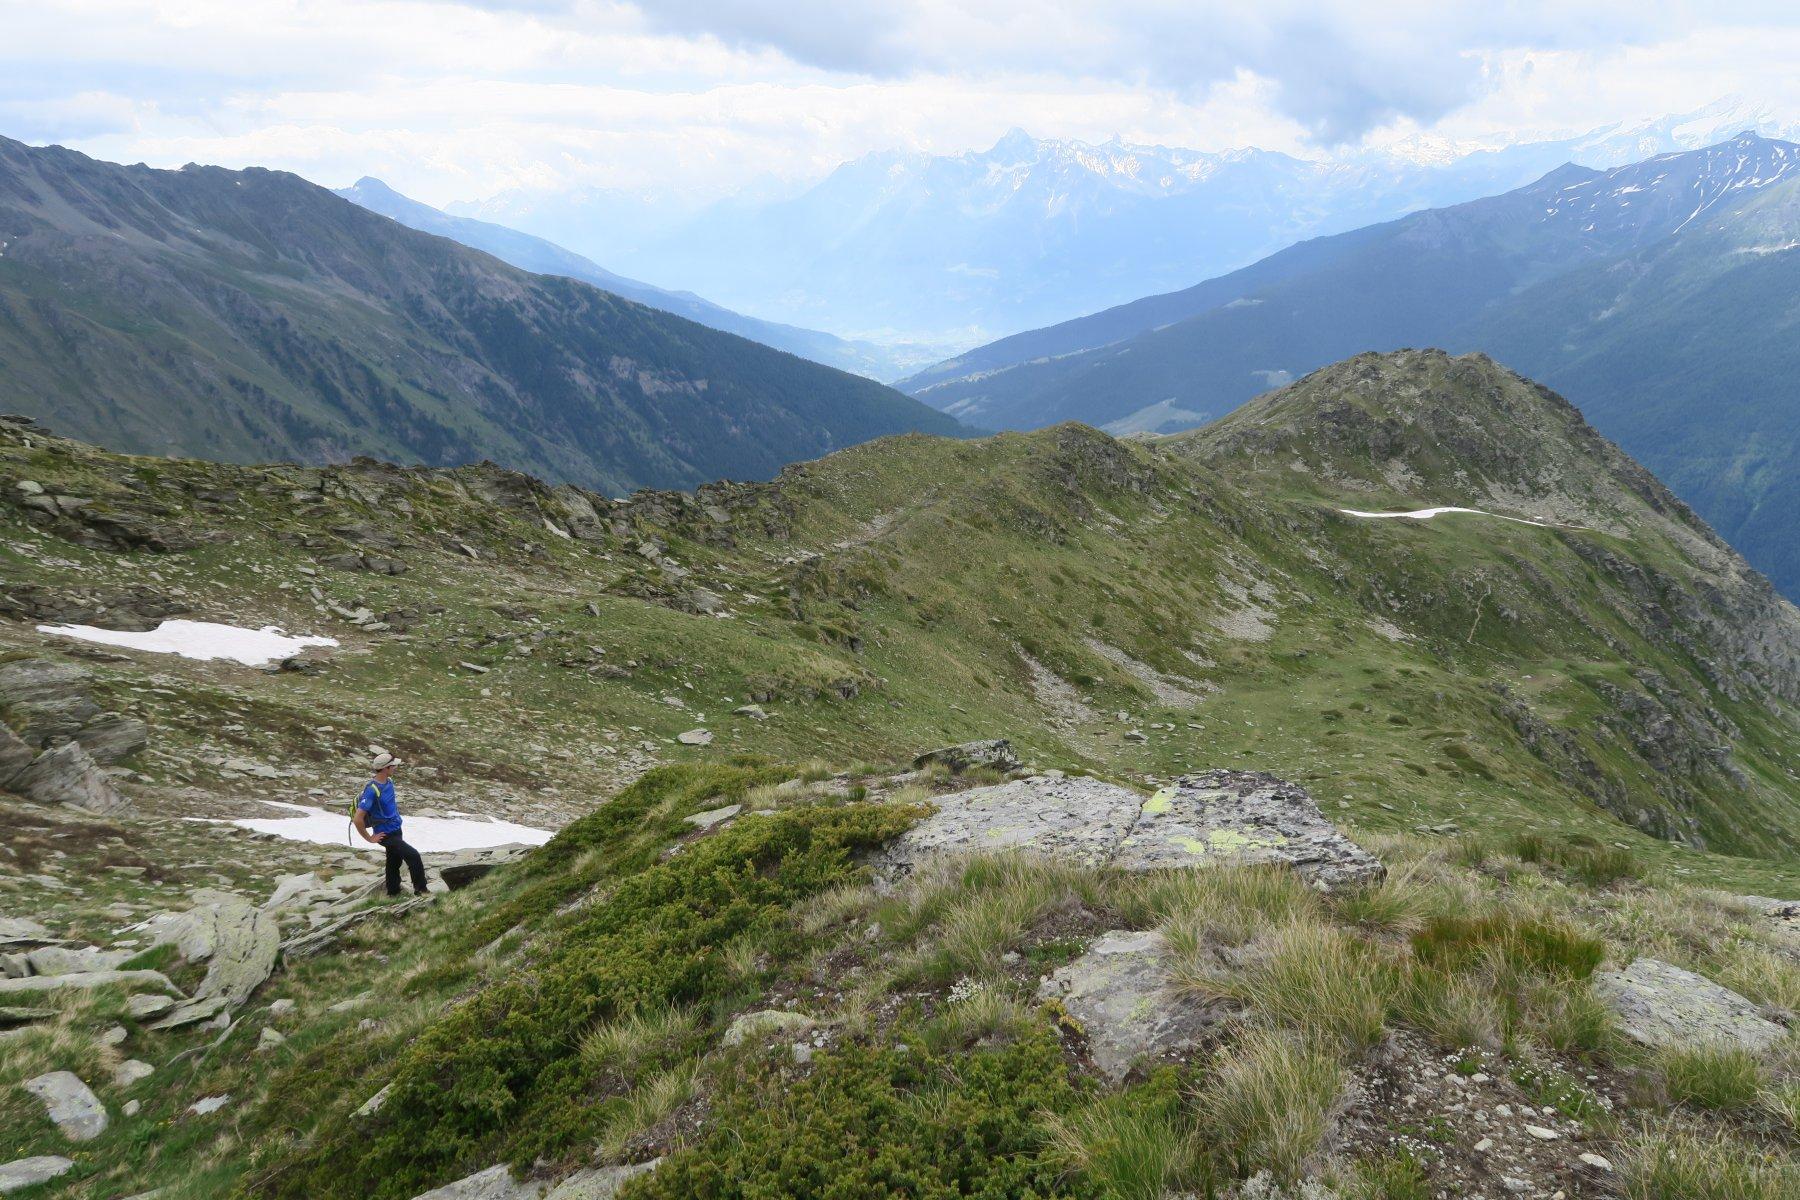 proseguendo lungo la cresta con la Paglietta in basso